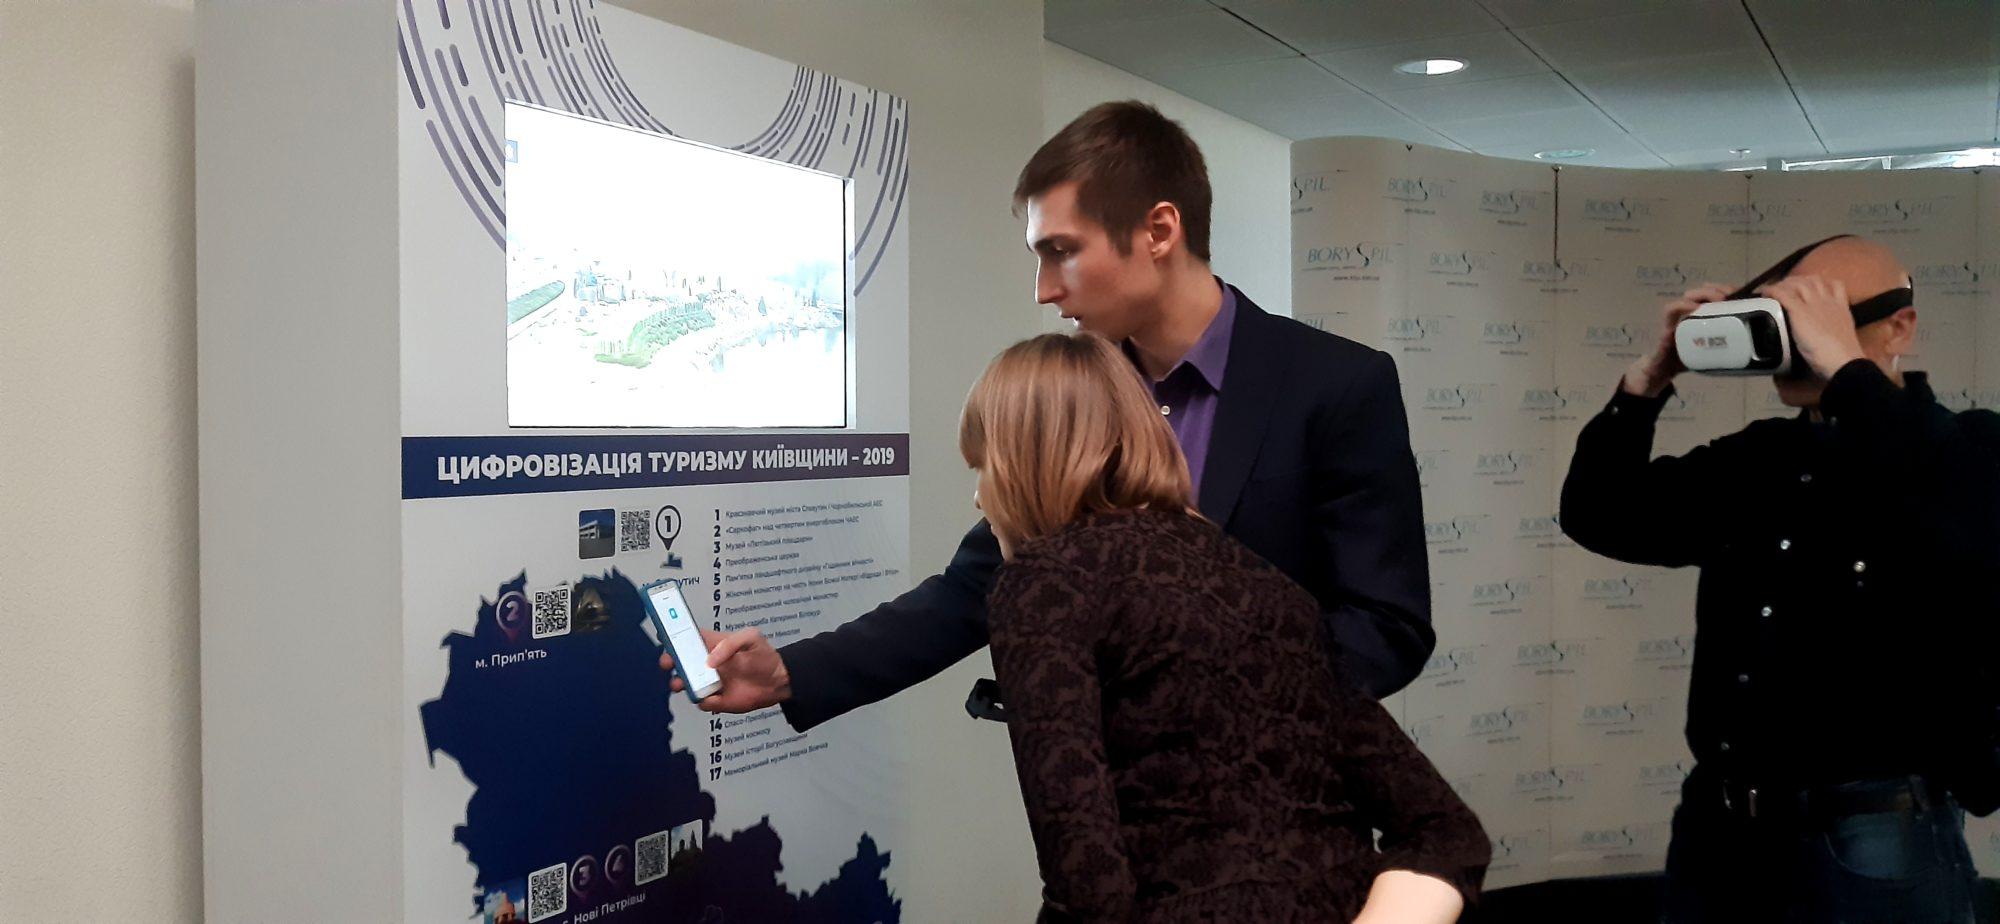 """У """"Борисполі"""" обговорювали досягнення кампанії з оцифровування туристичних пам'яток Київщини -  - 20191220 124348 2000x924"""